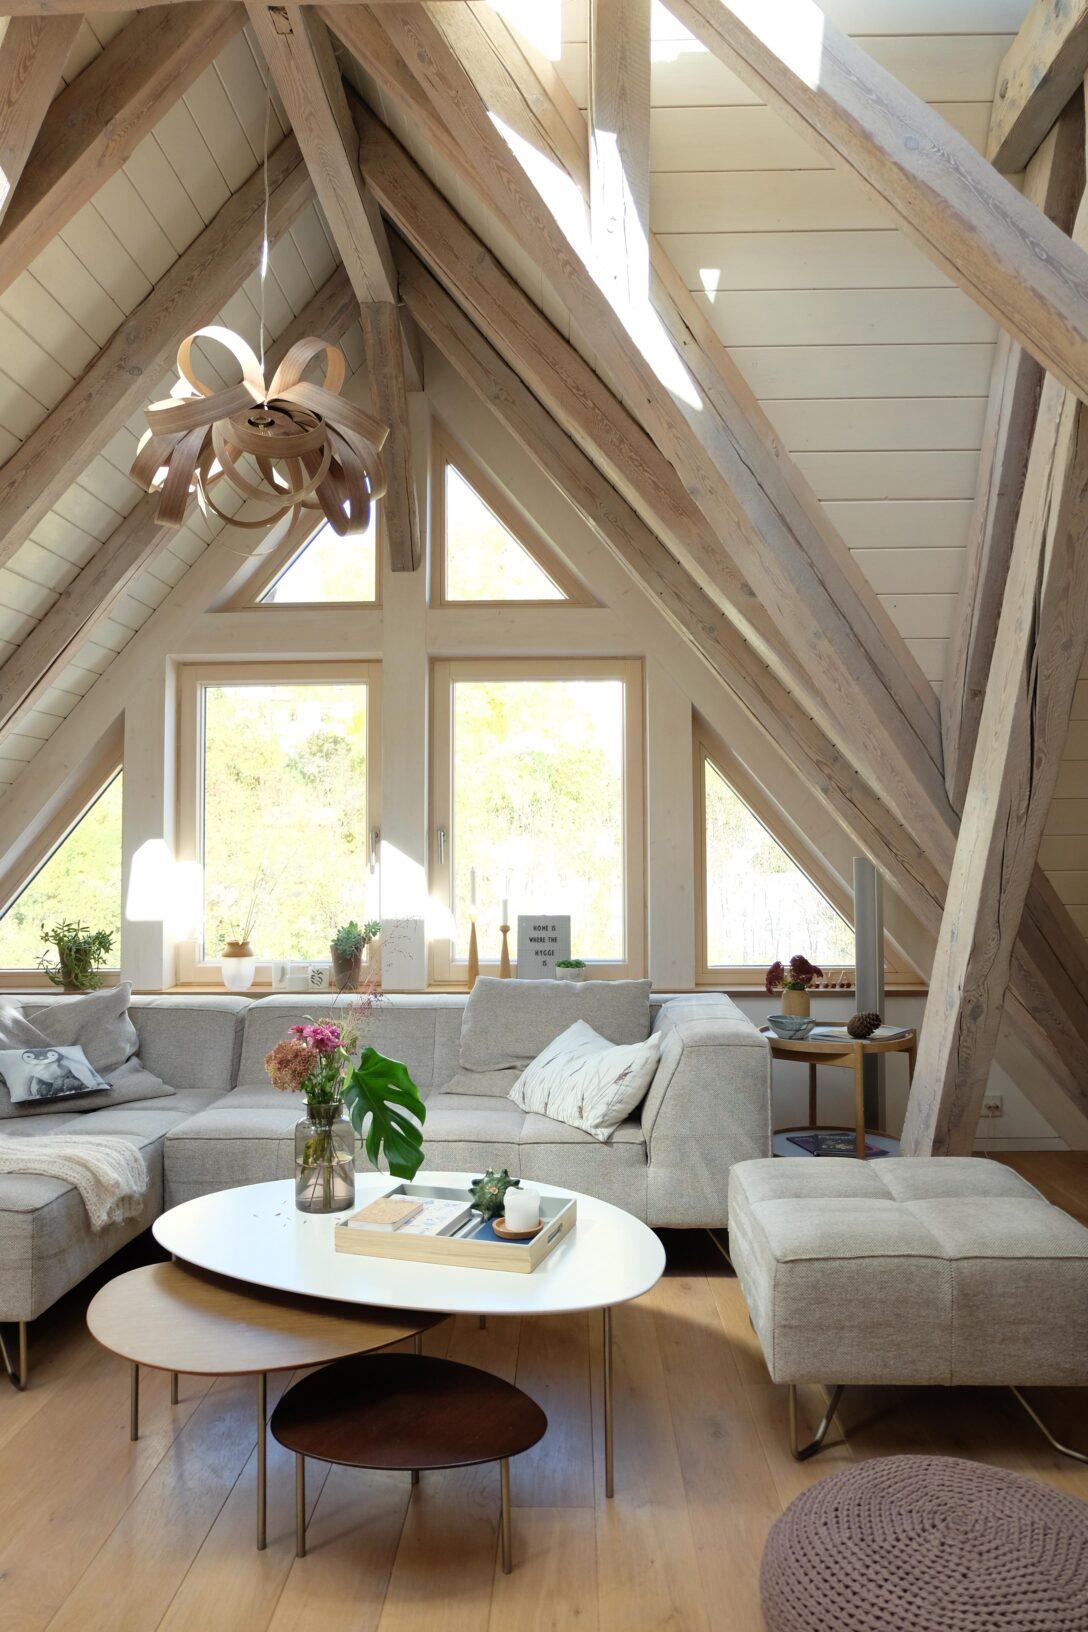 Large Size of Dachgeschosswohnung Einrichten Tipps Schlafzimmer Ikea Wohnzimmer Bilder Kleine Tolle Einrichtungsideen Fr Deine Badezimmer Küche Wohnzimmer Dachgeschosswohnung Einrichten